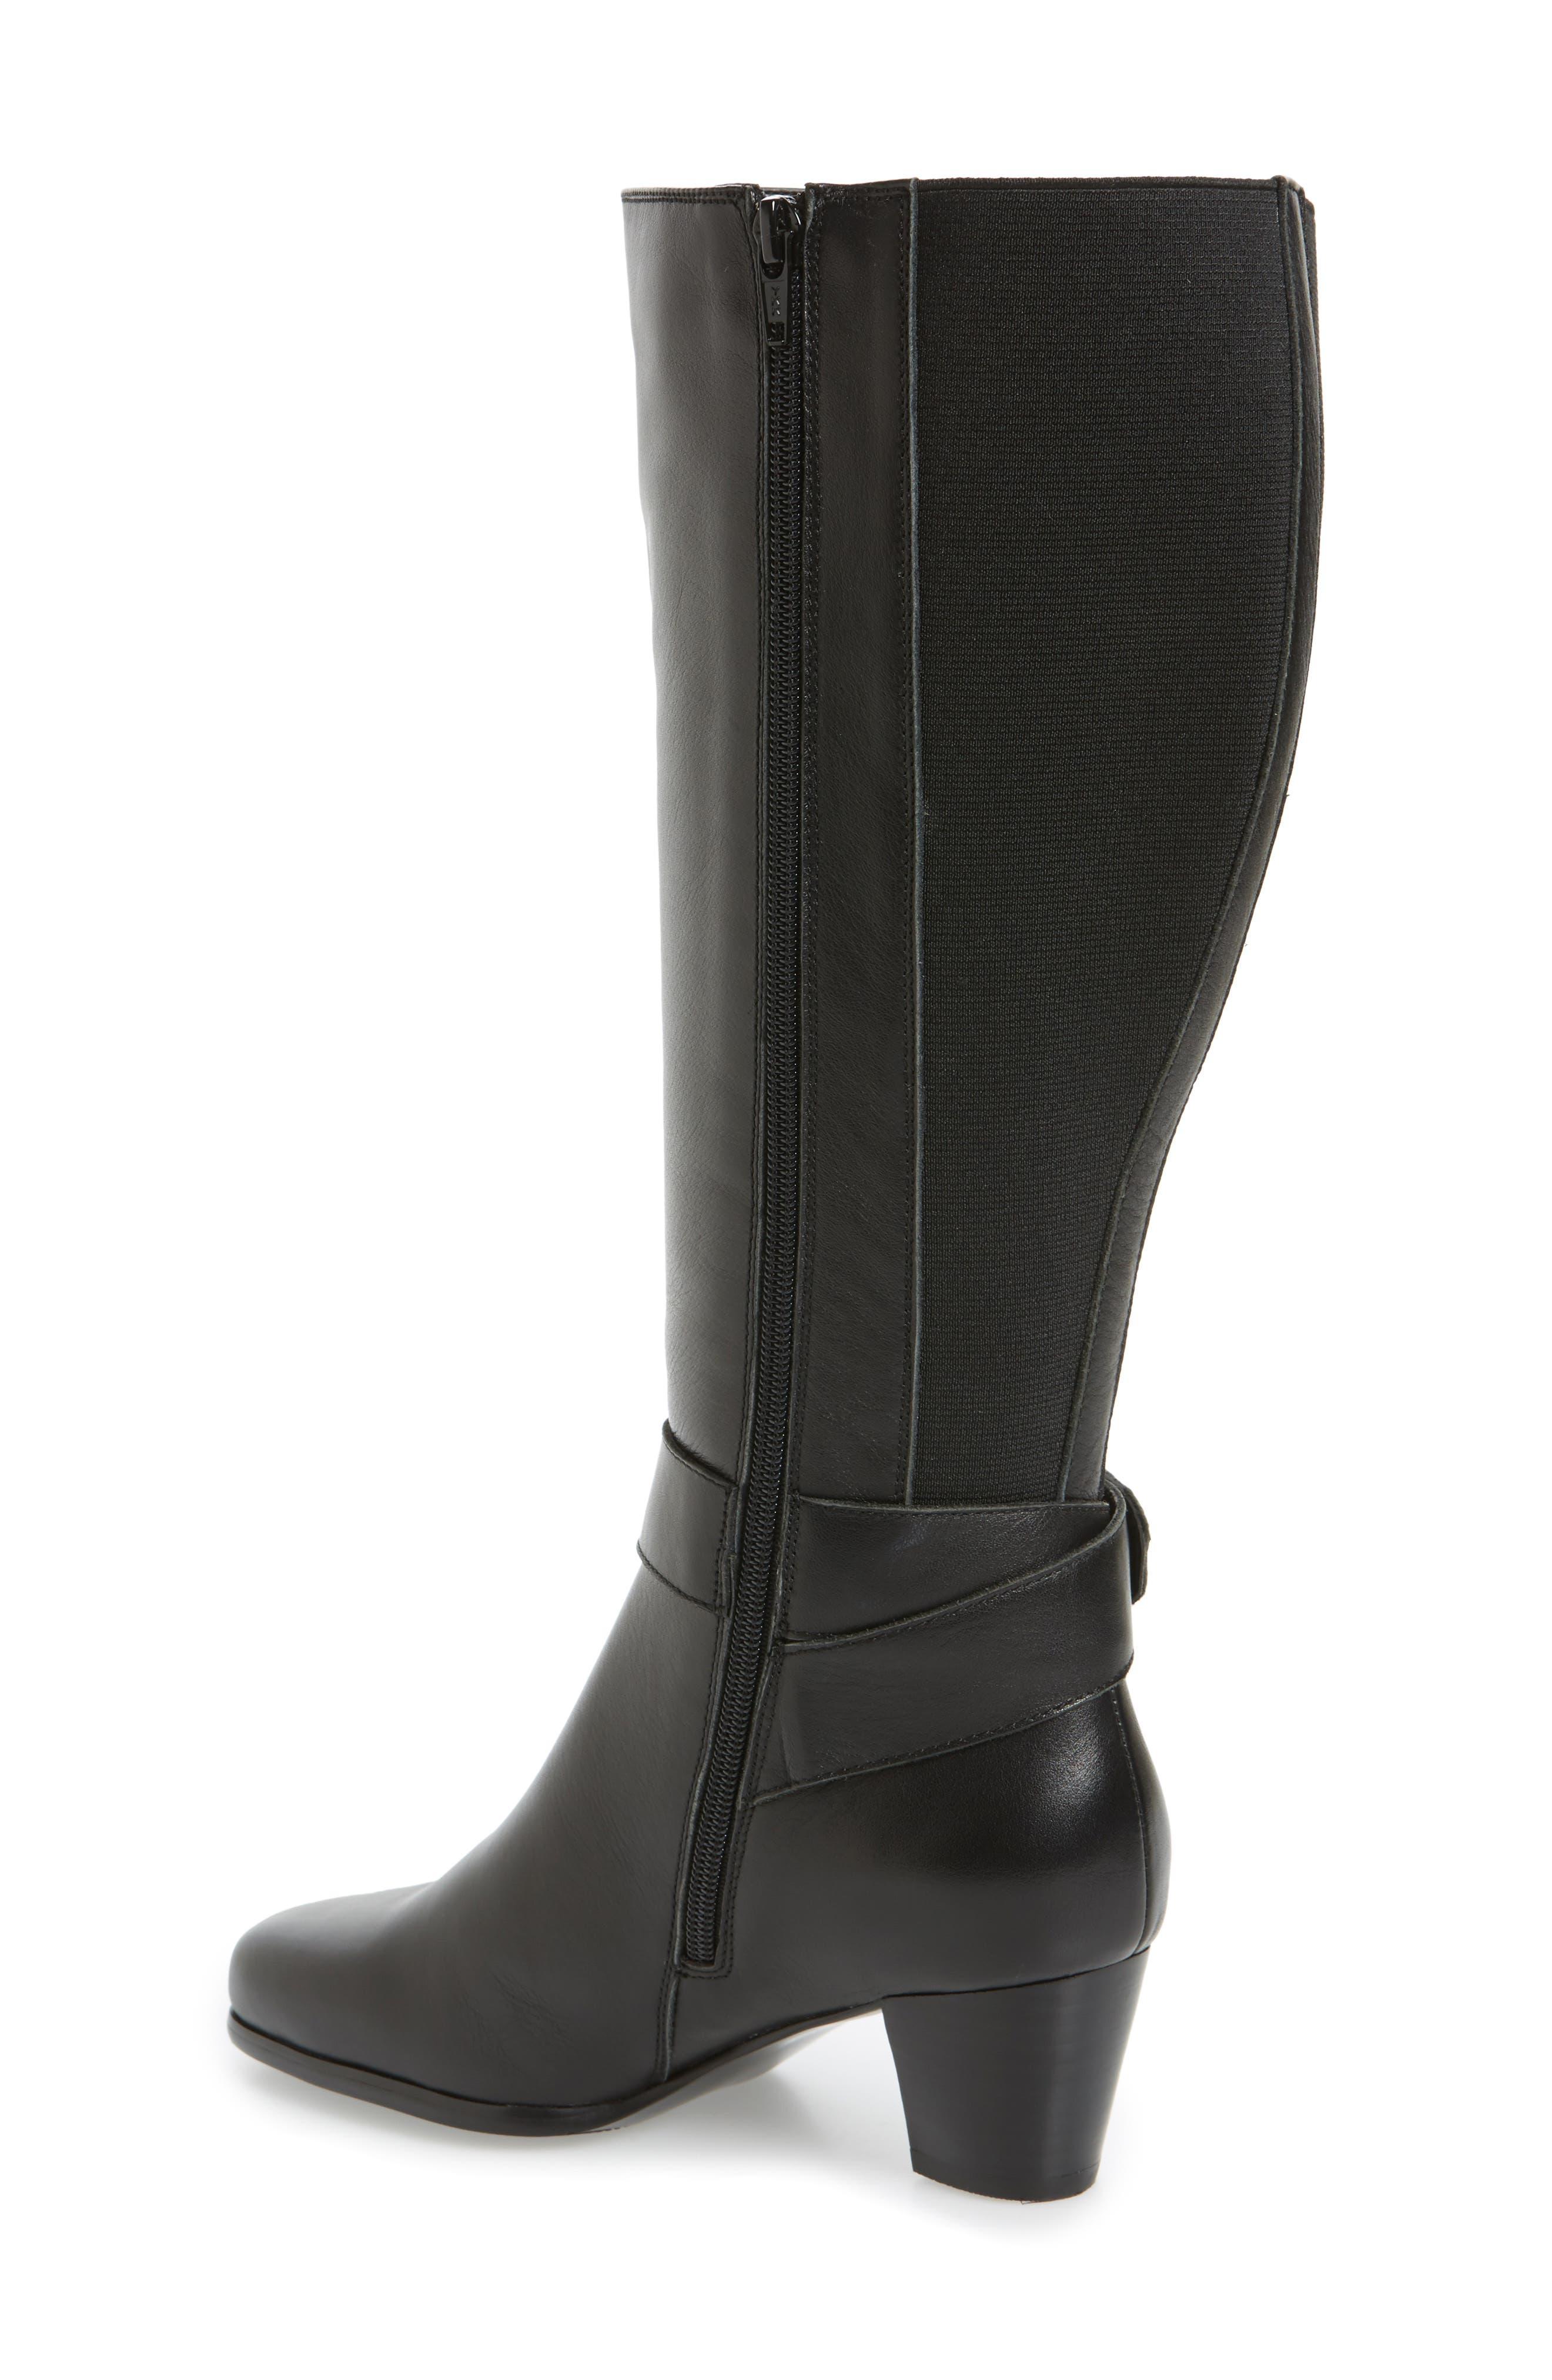 Bonita 18 Boot,                             Alternate thumbnail 2, color,                             Black Leather Fabric